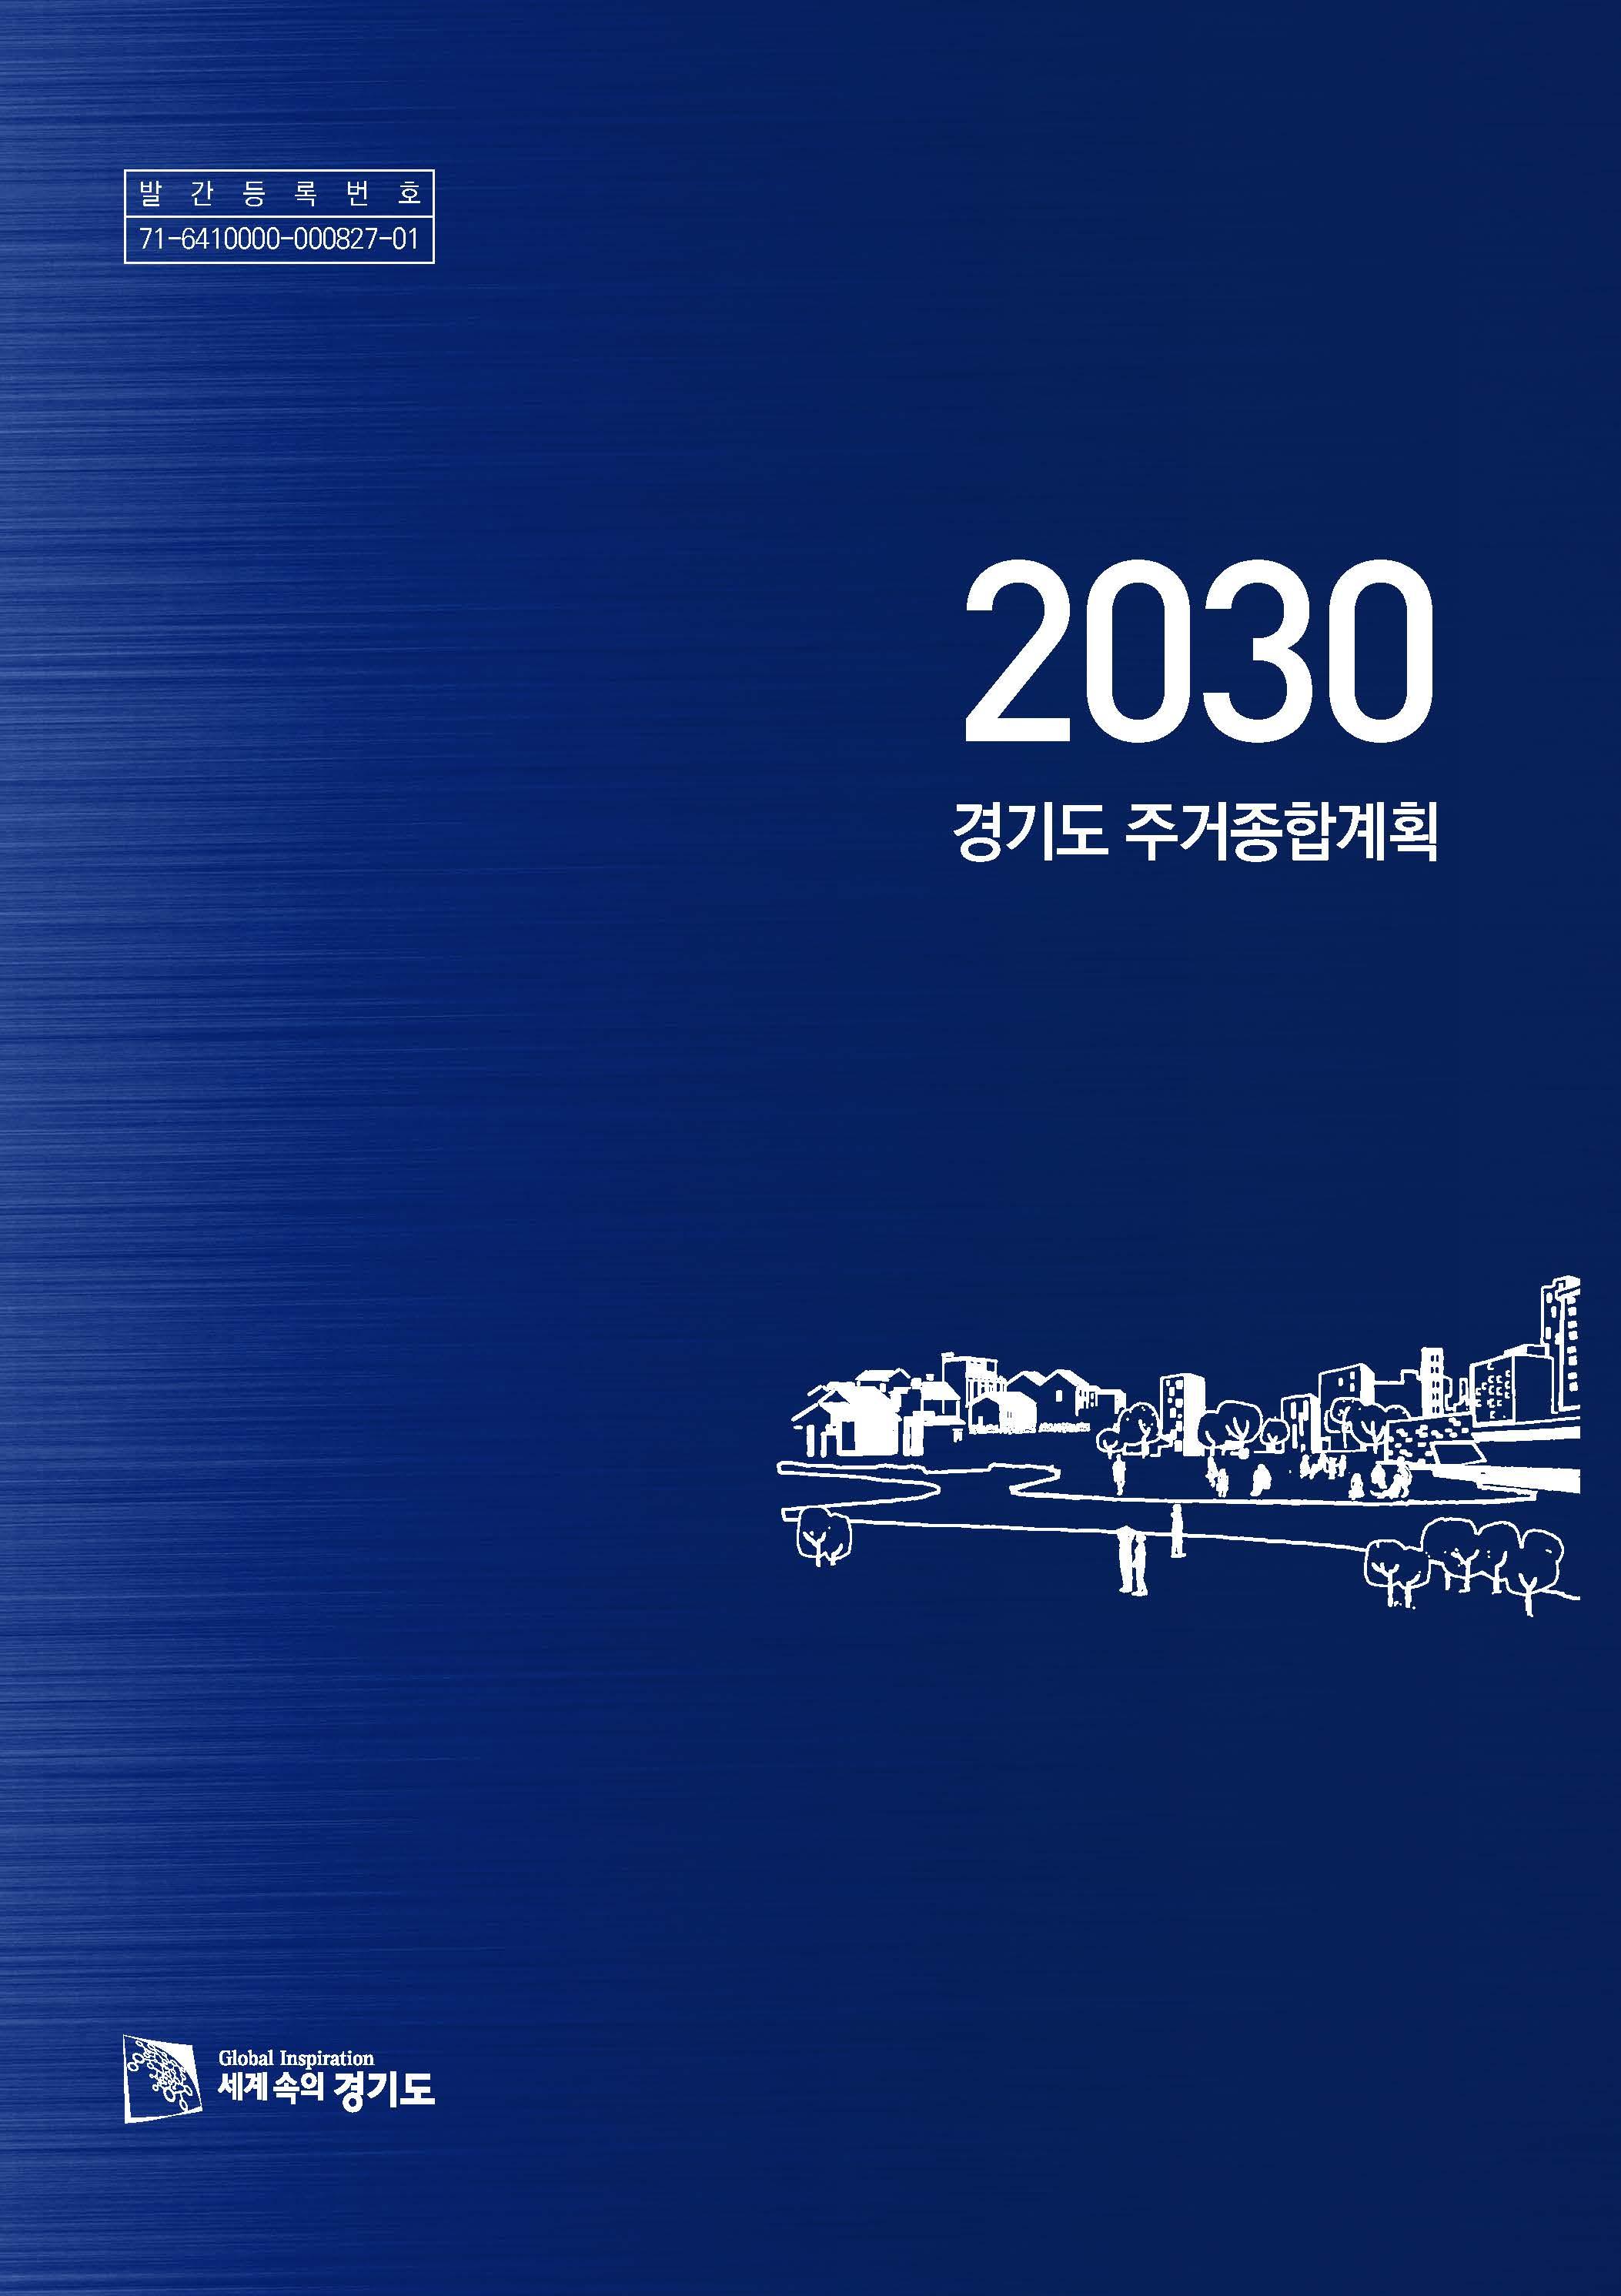 (2030) 경기도 주거종합계획